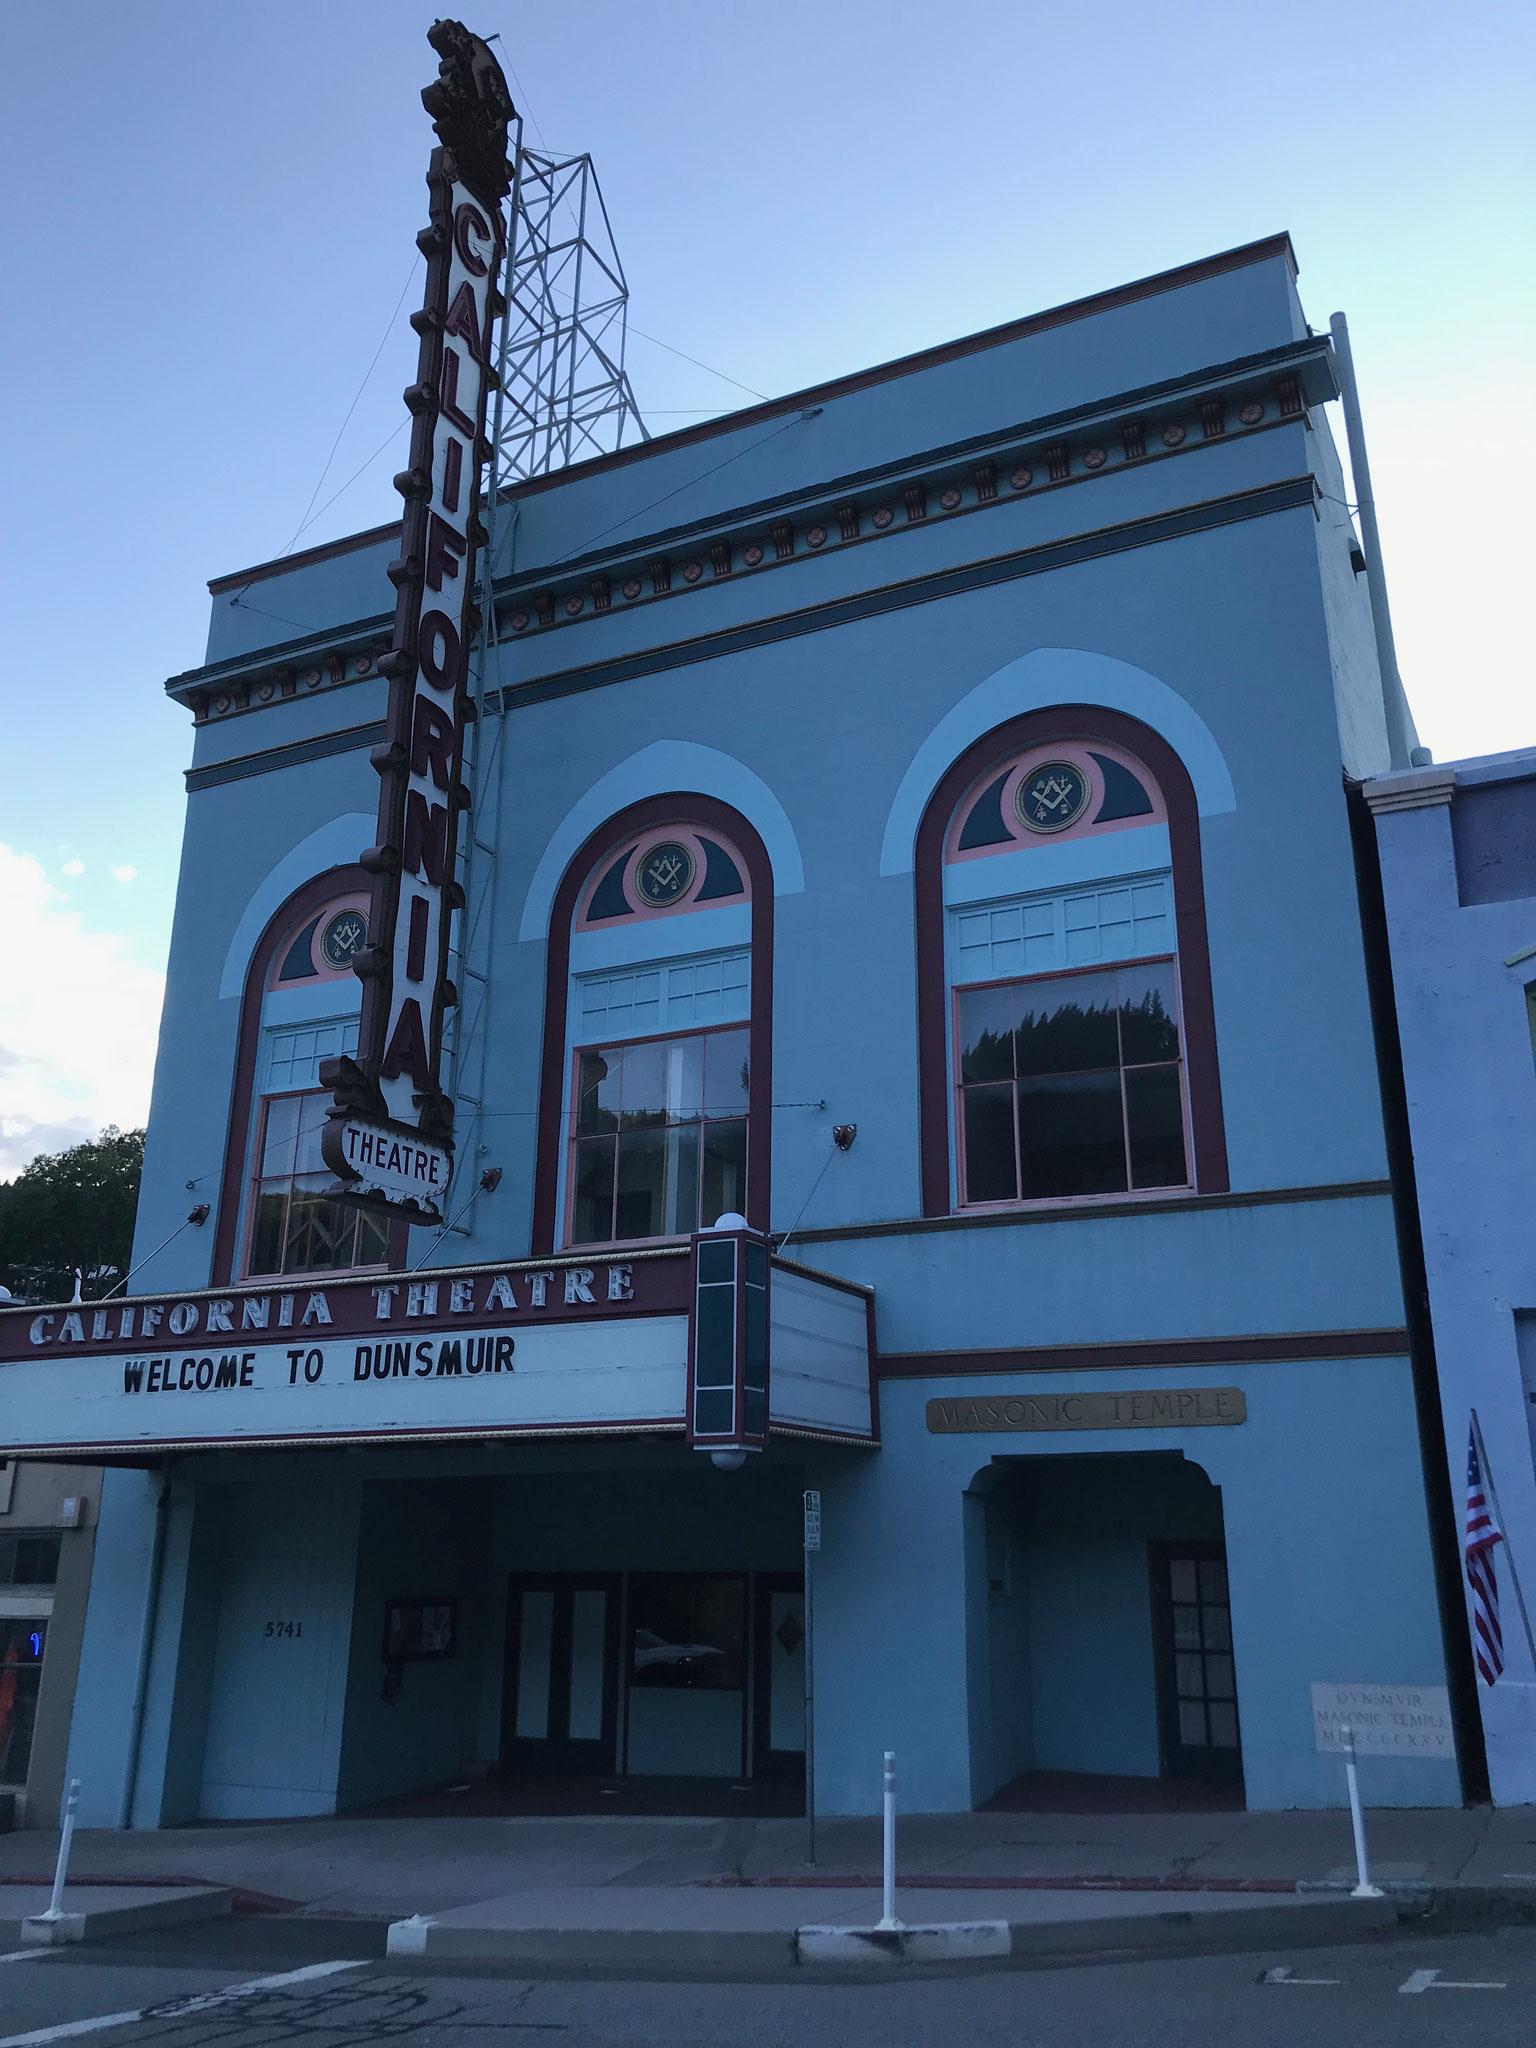 Das Theater übrigens auch, aber es scheint doch recht verlassen zu sein.